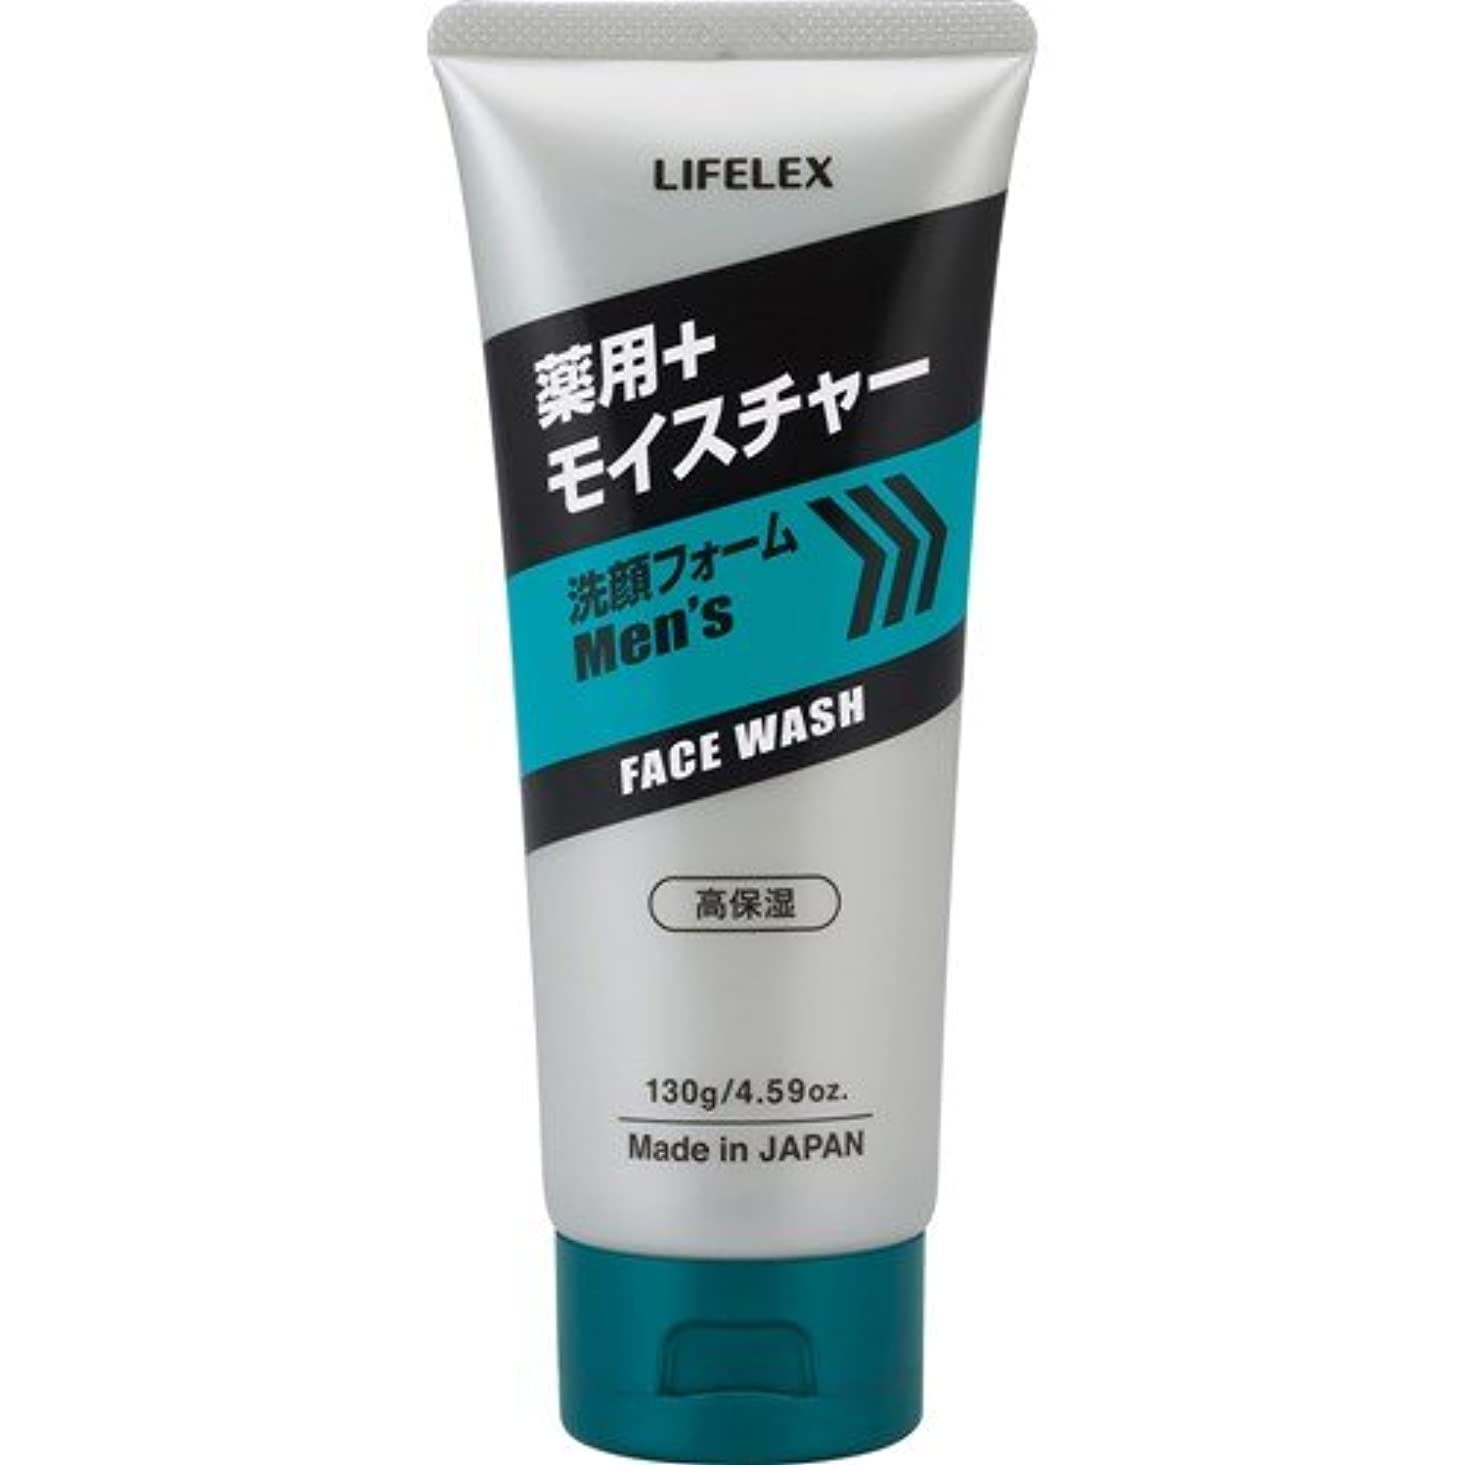 落胆させる著者焦げコーナンオリジナル メンズ薬用モイスチャ洗顔フォーム 130g